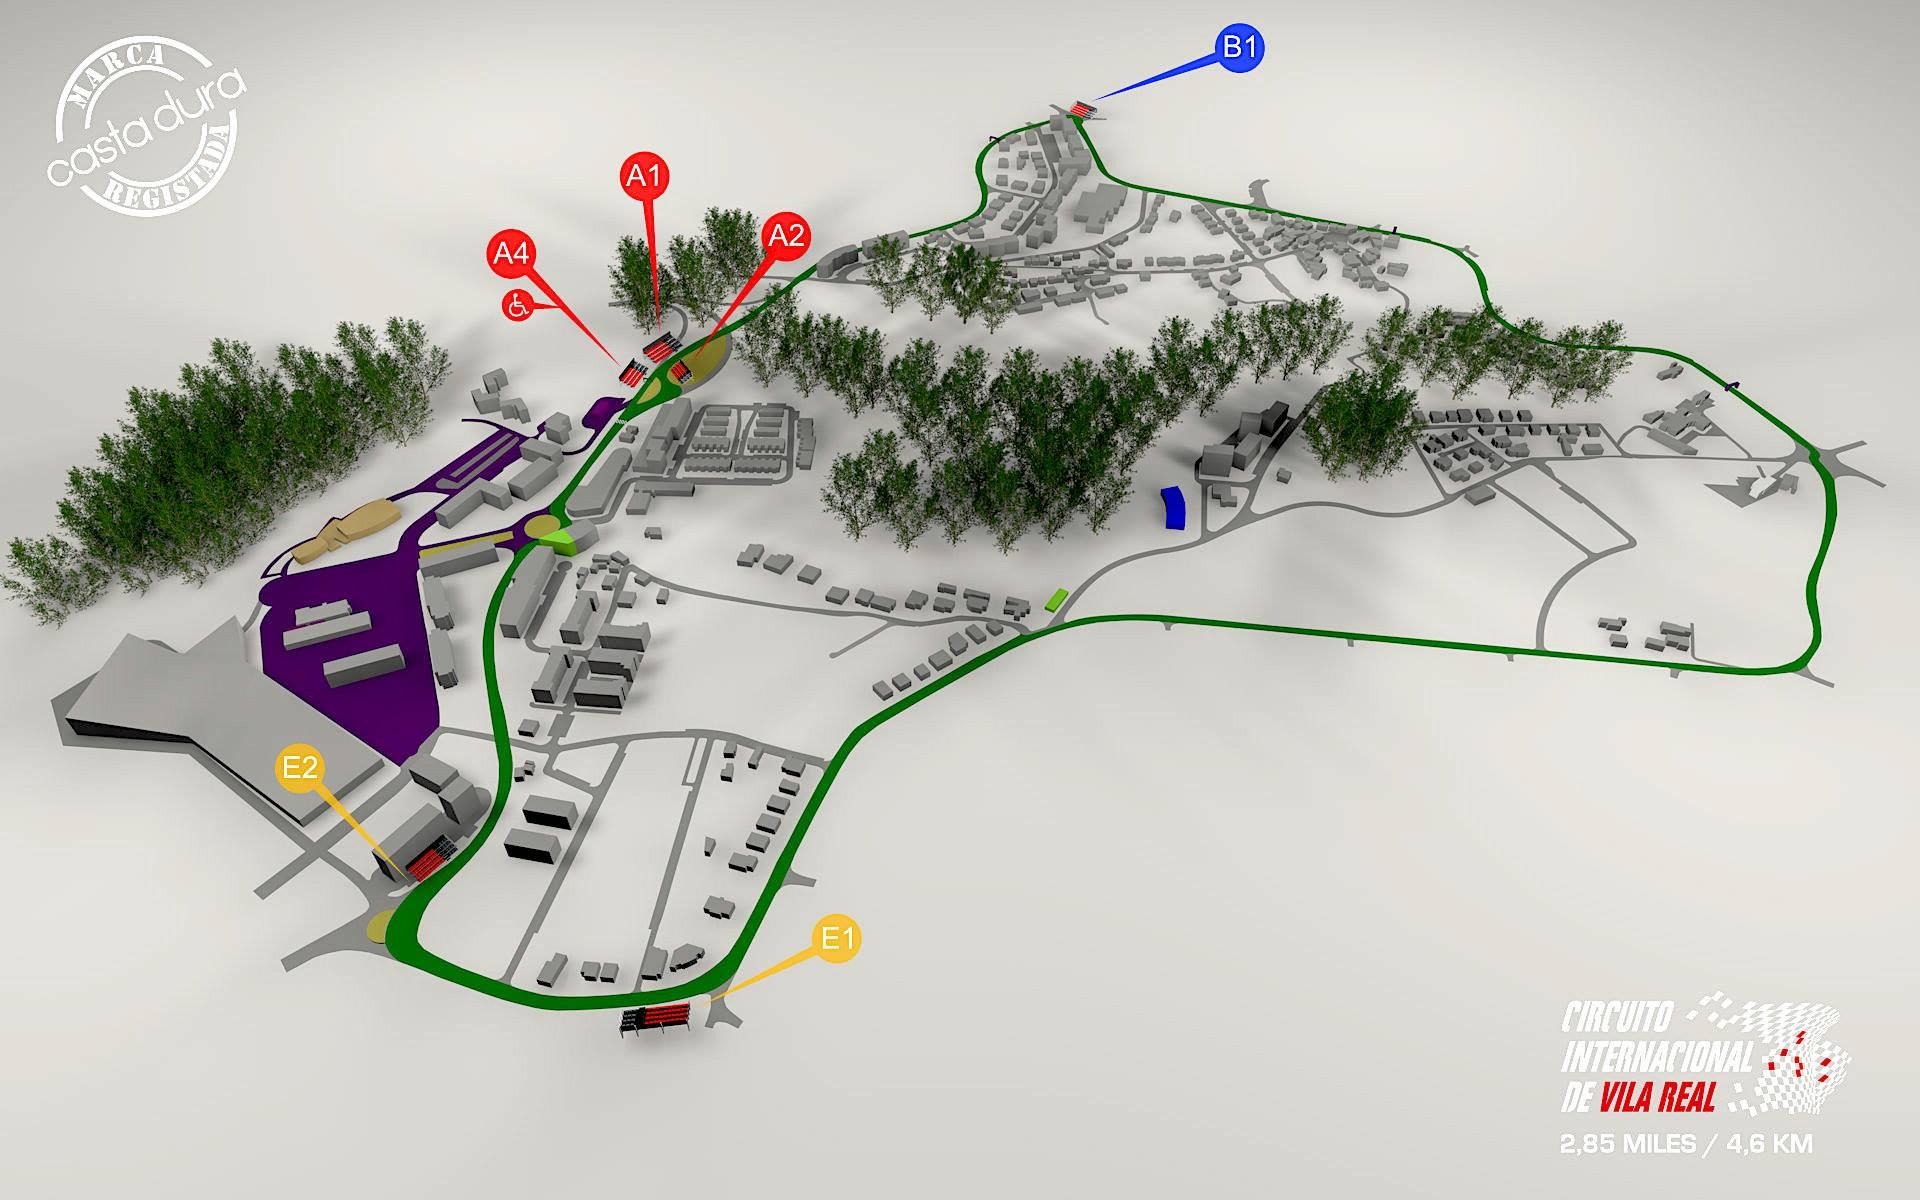 Circuito Vila Real : Circuito internacional de vila real aceleravilareal by